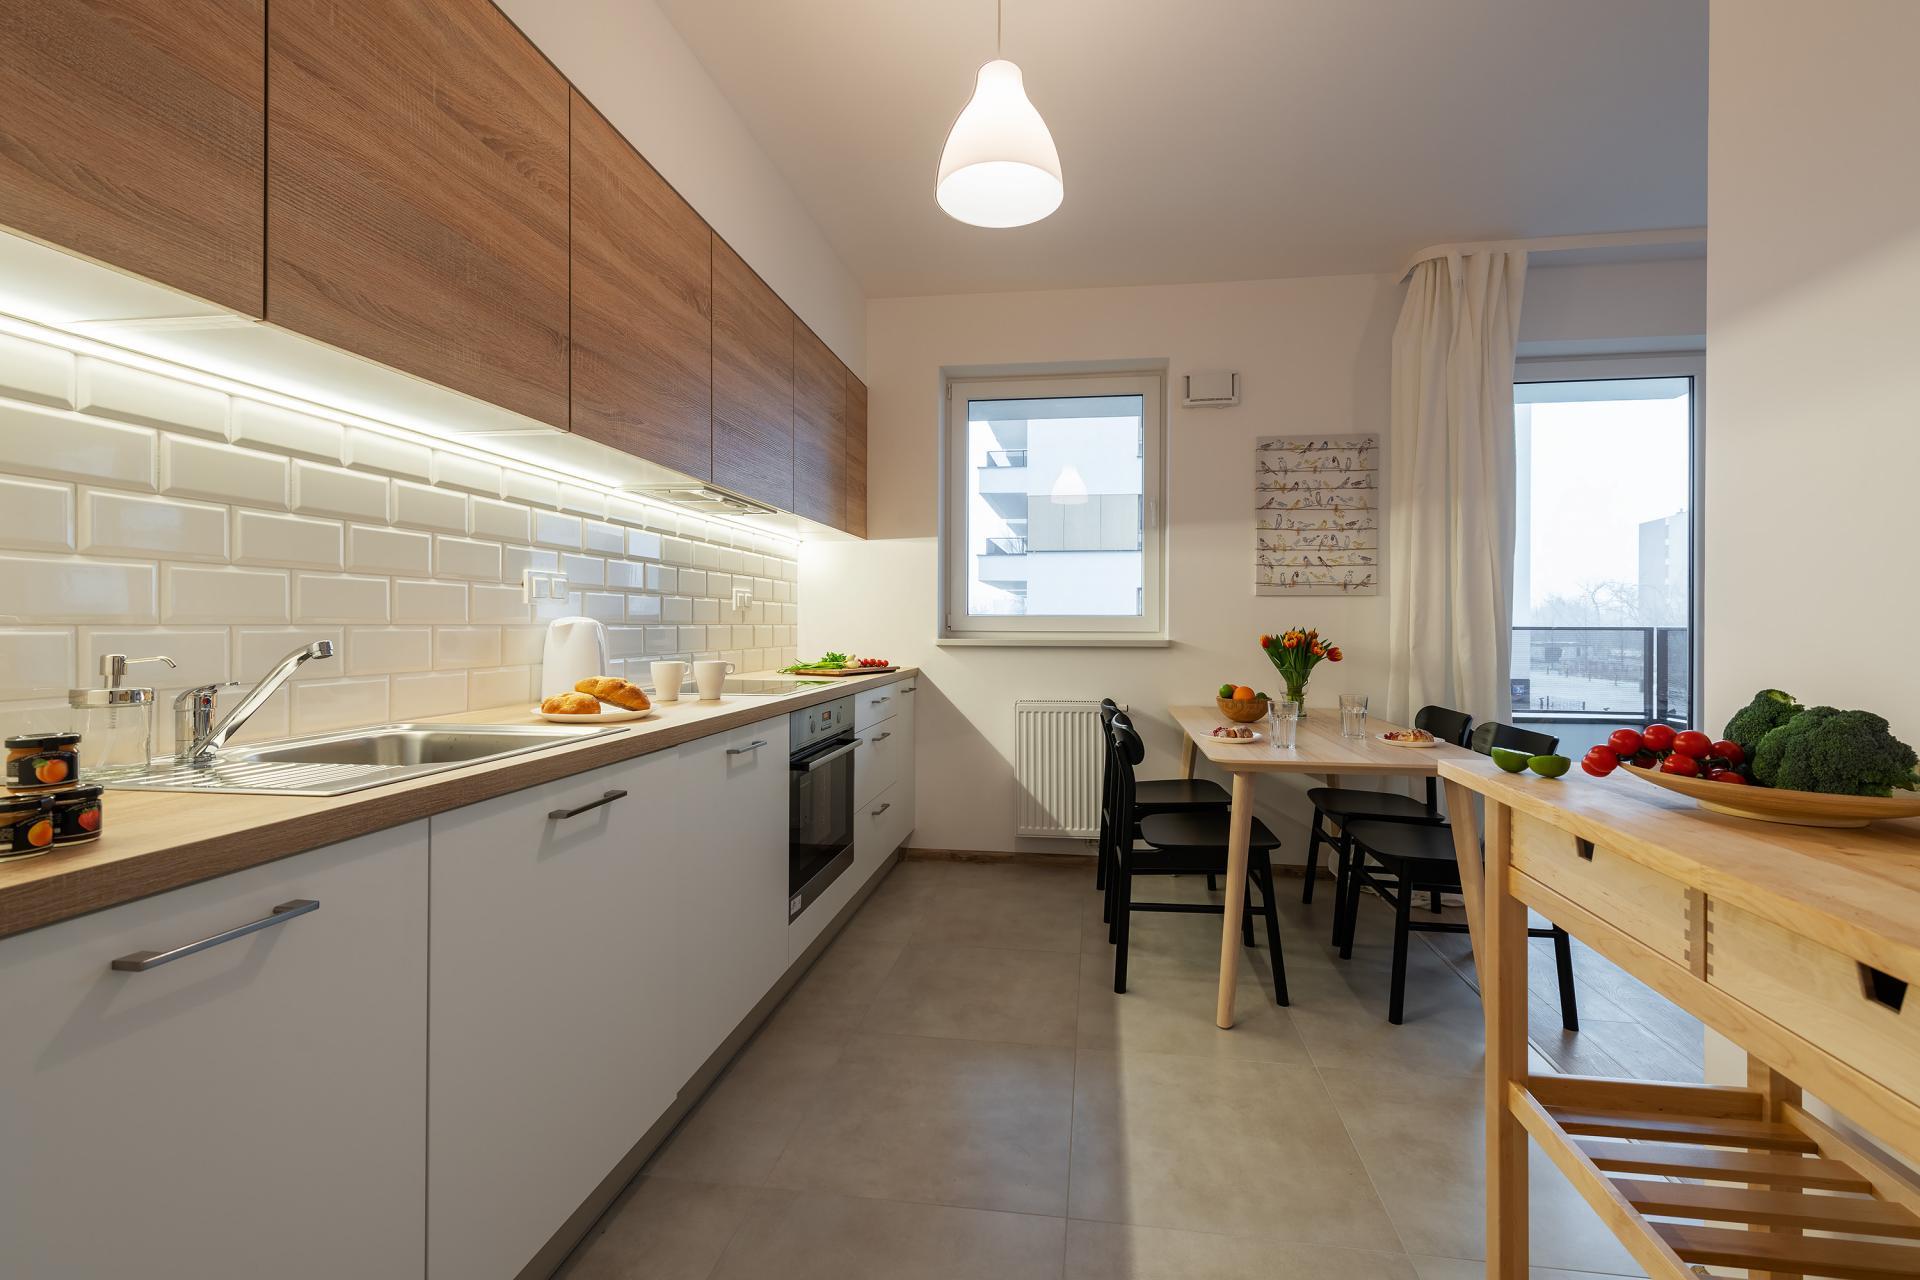 Kitchen at Cybernetyki Apartments, Sluzewiec, Warsaw